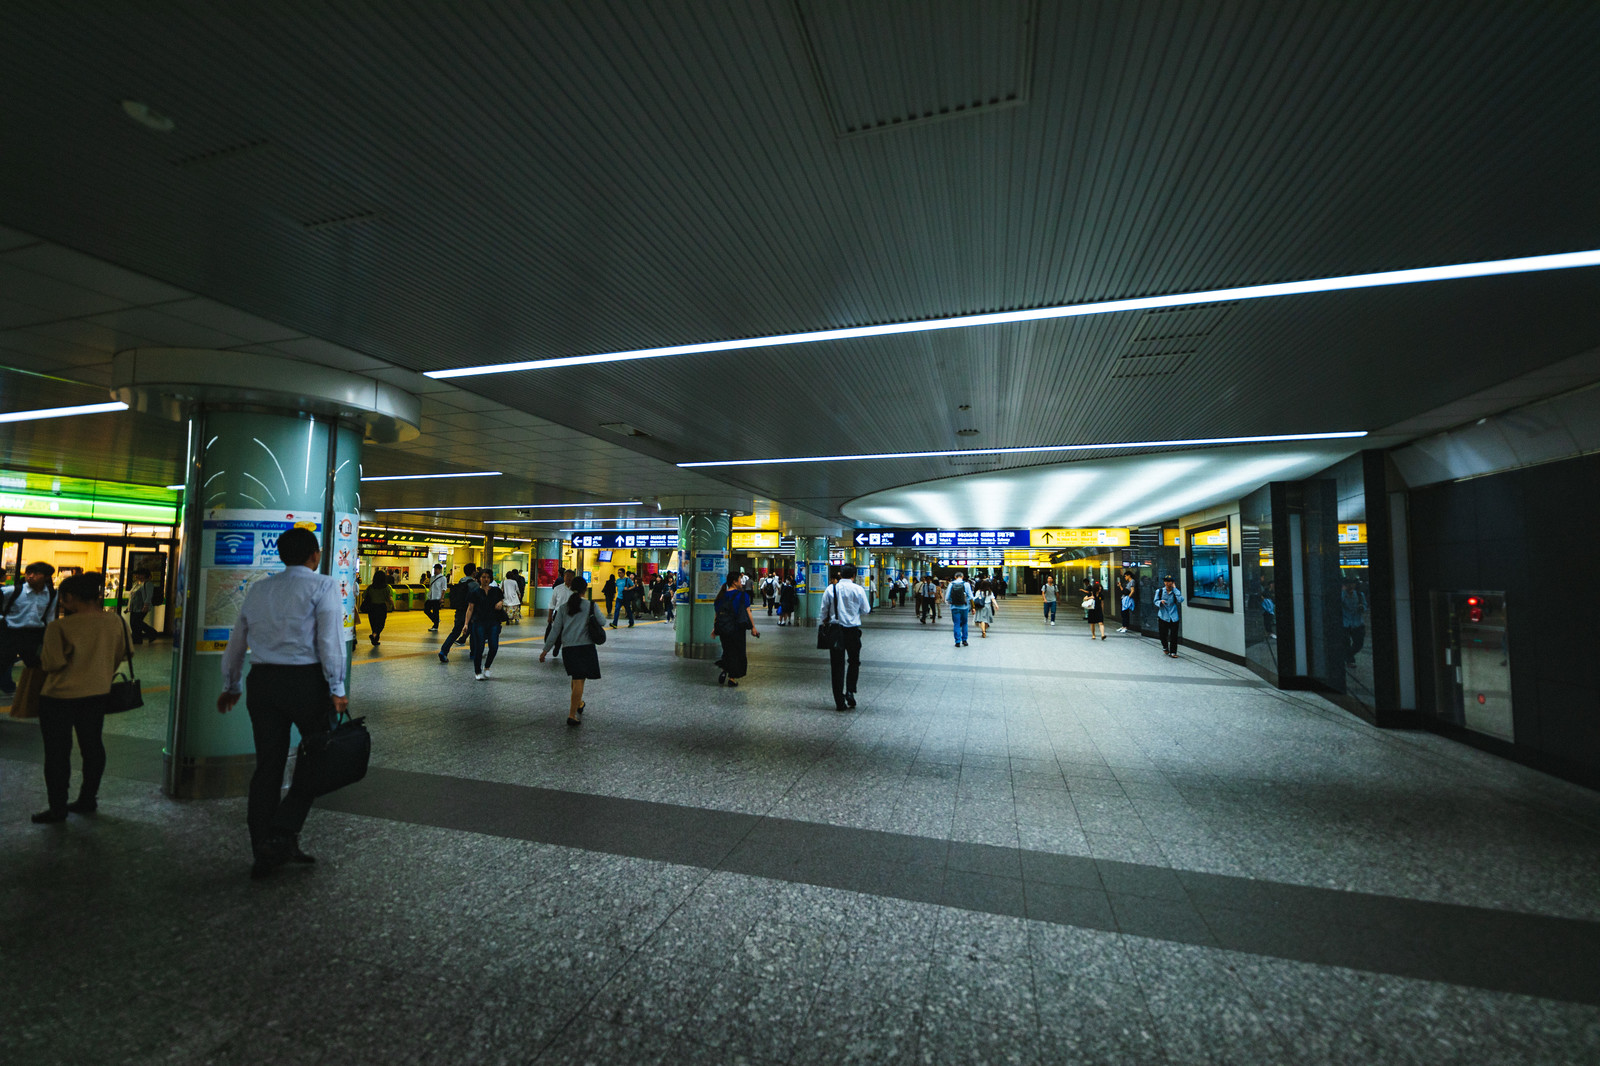 「横浜駅地下連絡通路横浜駅地下連絡通路」のフリー写真素材を拡大